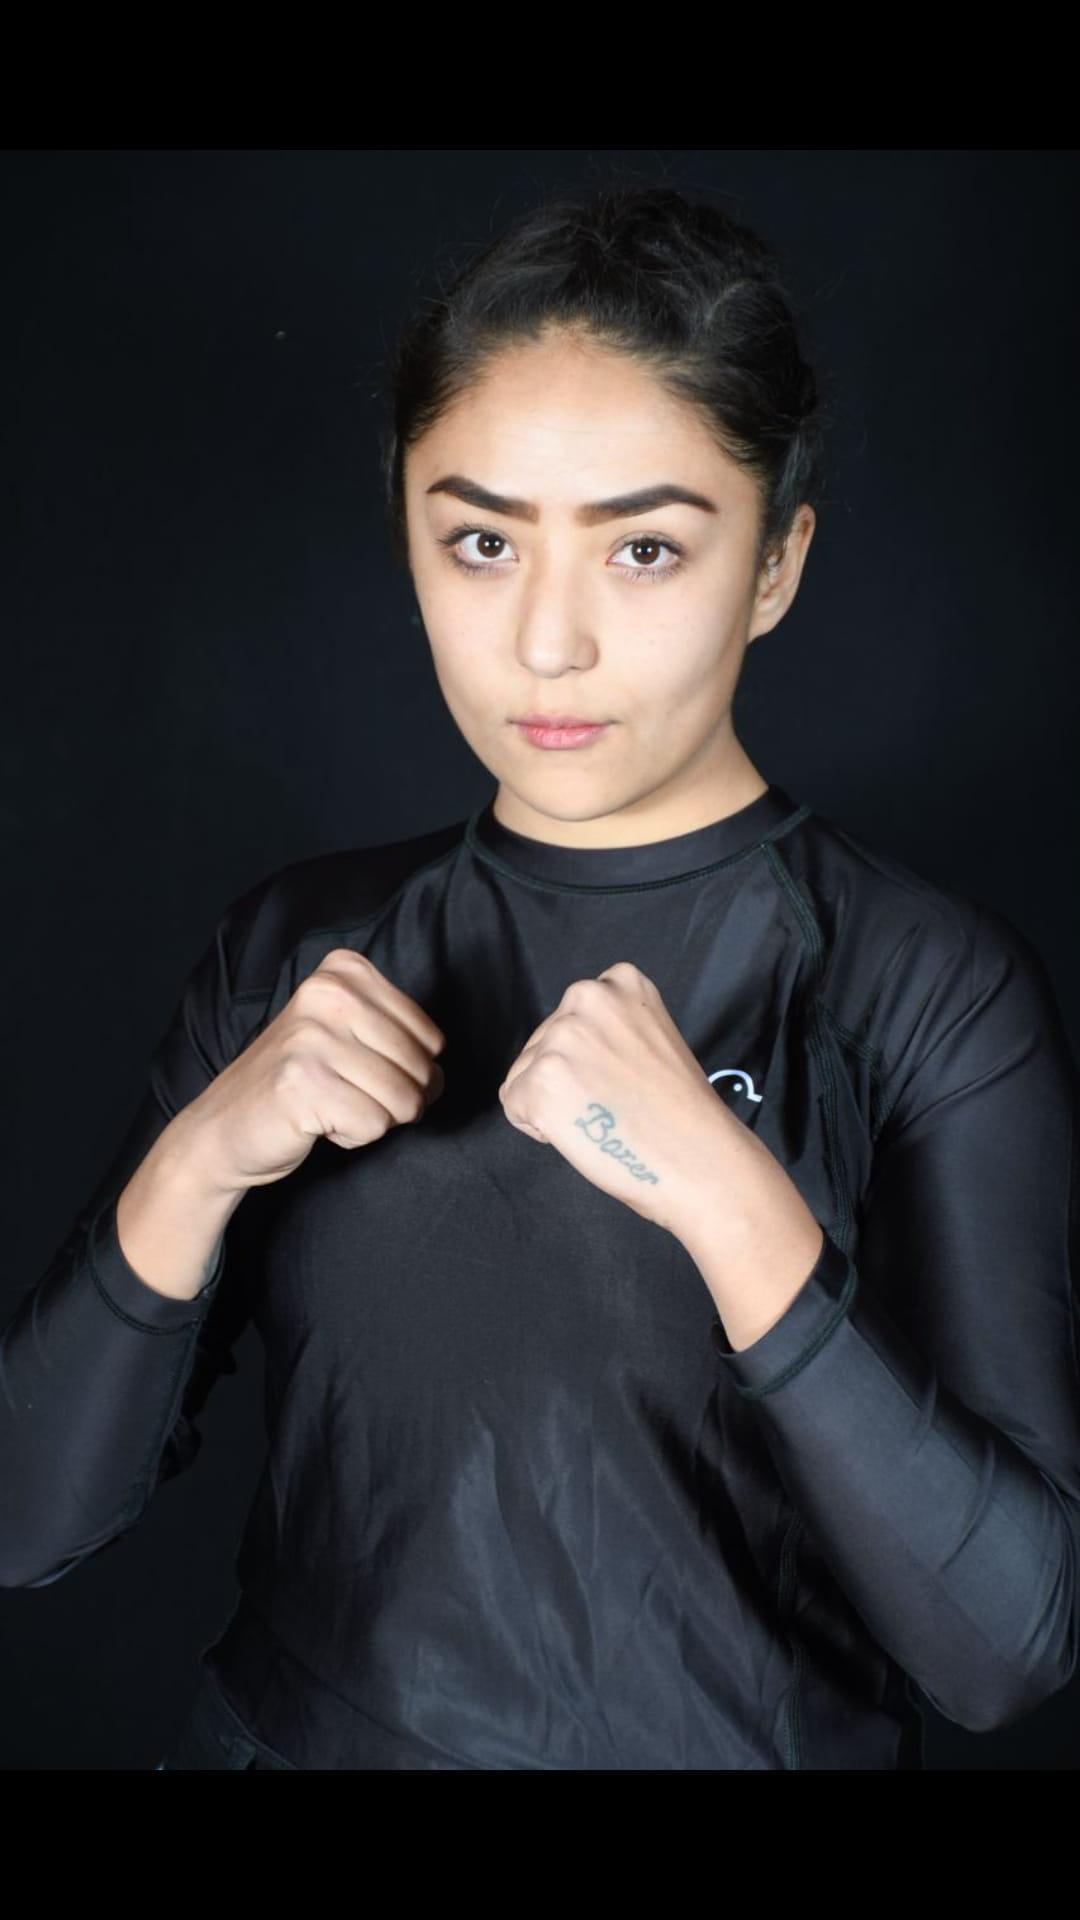 महिला बॉक्सर को पुरुष कोच की वजह से देश निकाला, काबुल यूनिवर्सिटी में सिर से पांव तक ढकी लड़कियां|वुमन,Women - Dainik Bhaskar